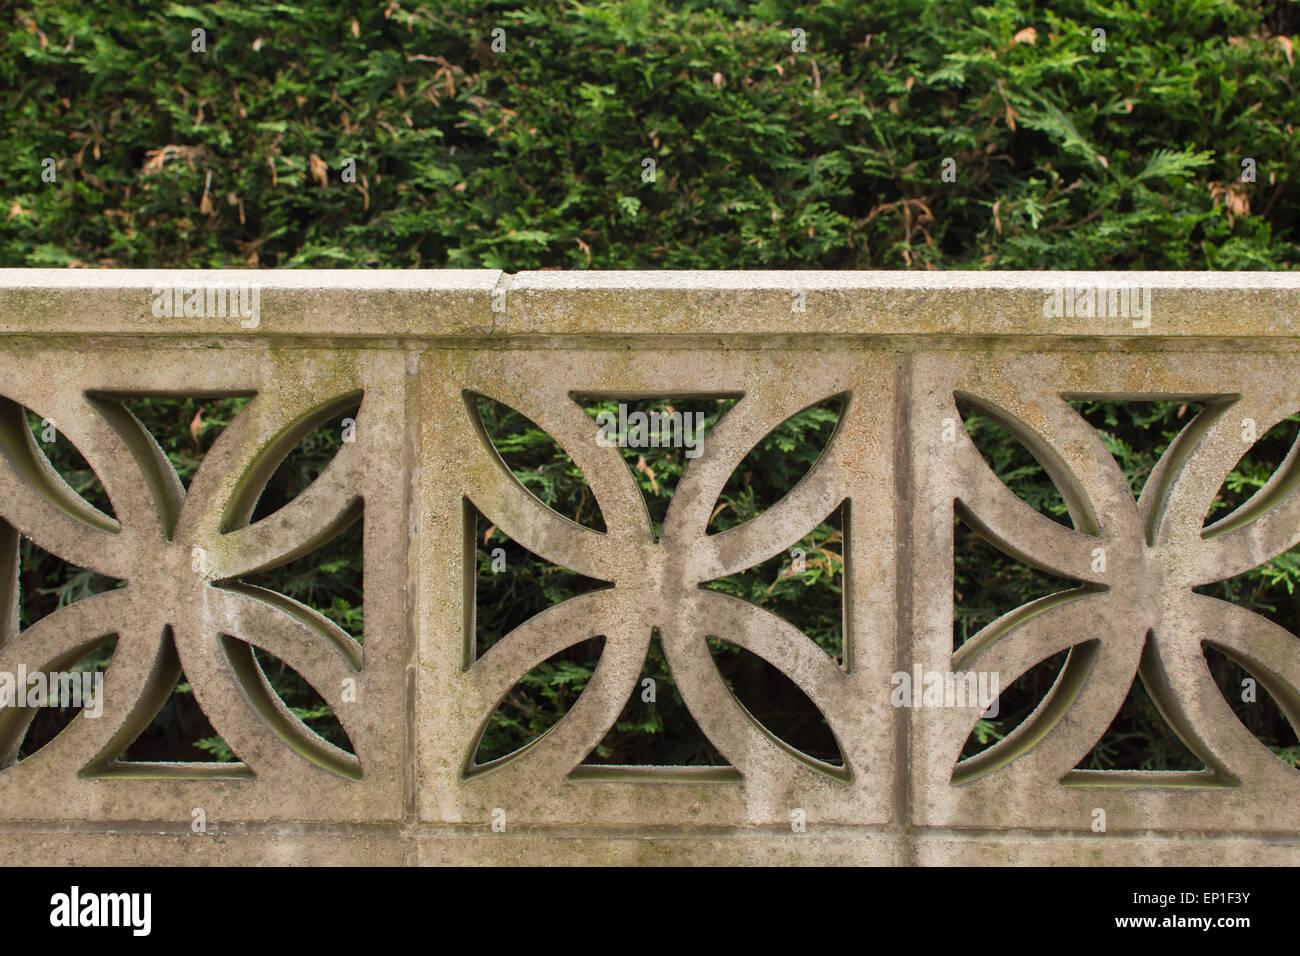 Elementi Decorativi Da Giardino : Giardino muro costruito dagli elementi decorativi di blocchi in